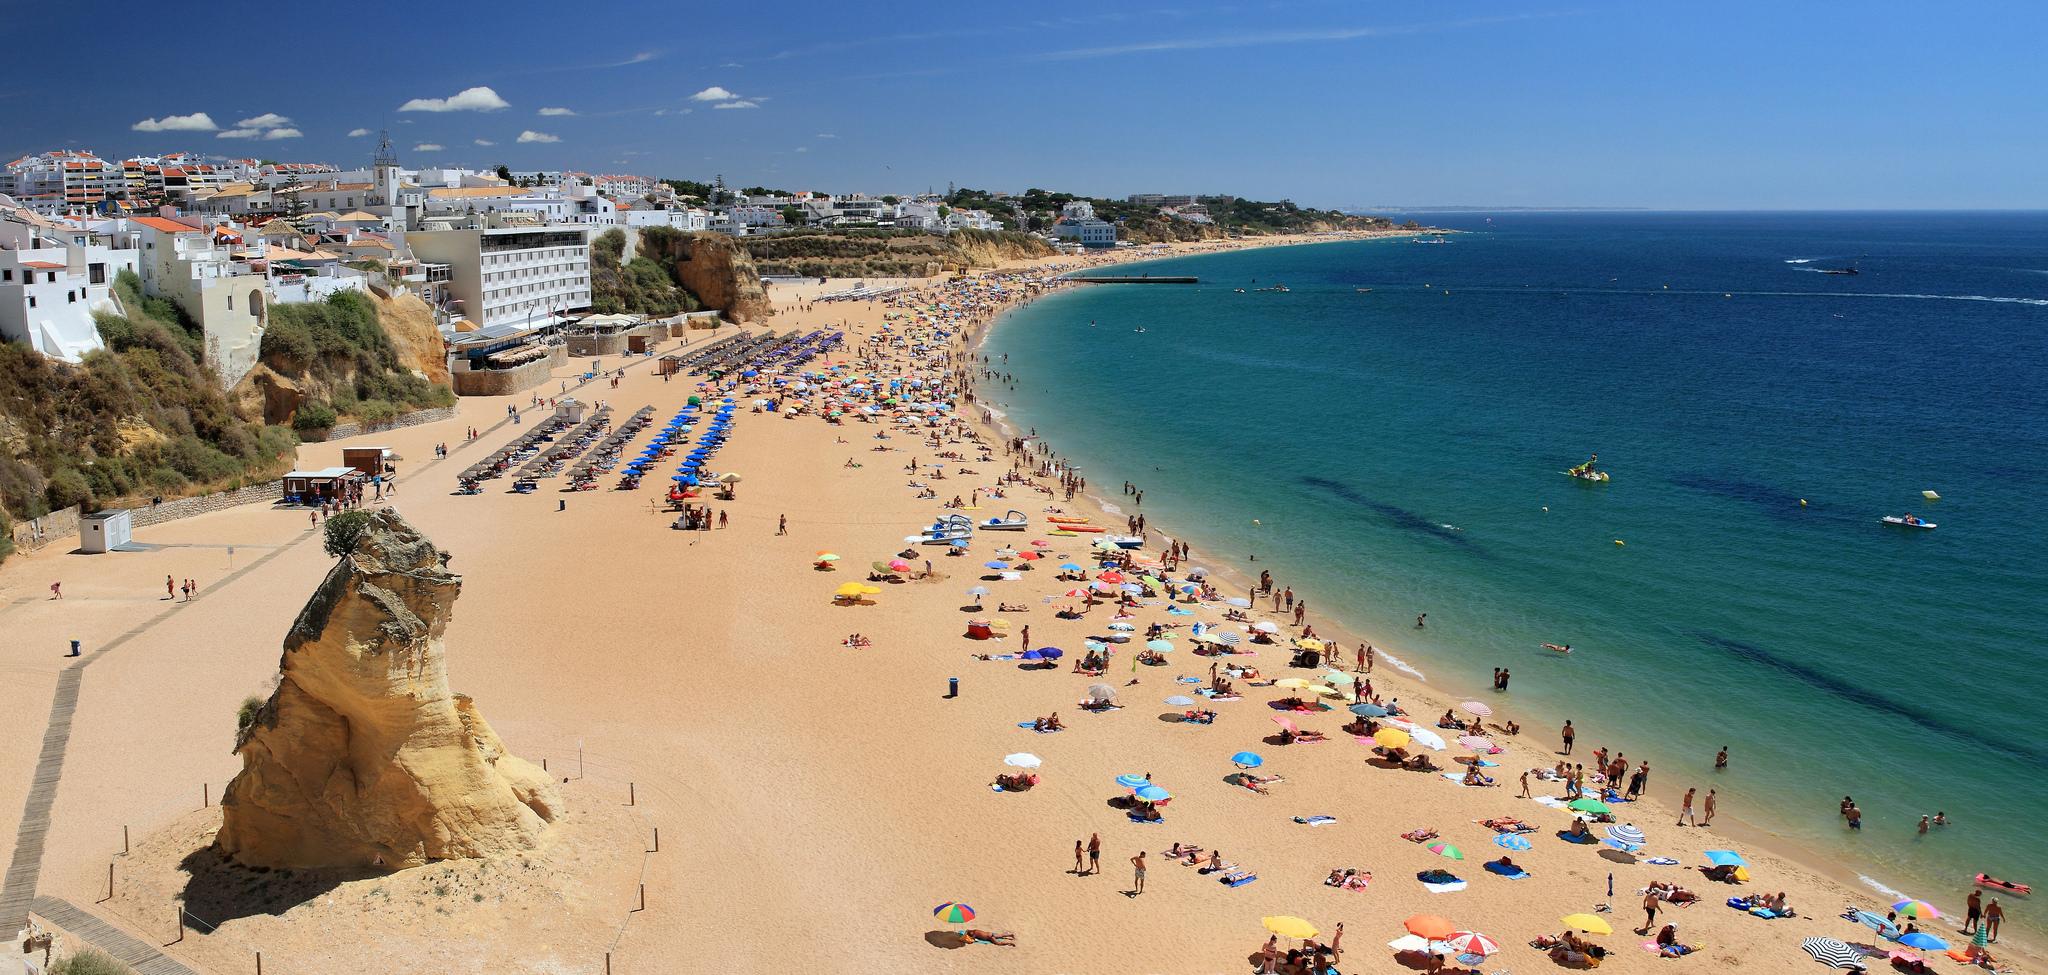 Пляж в Алгарве, Португалия